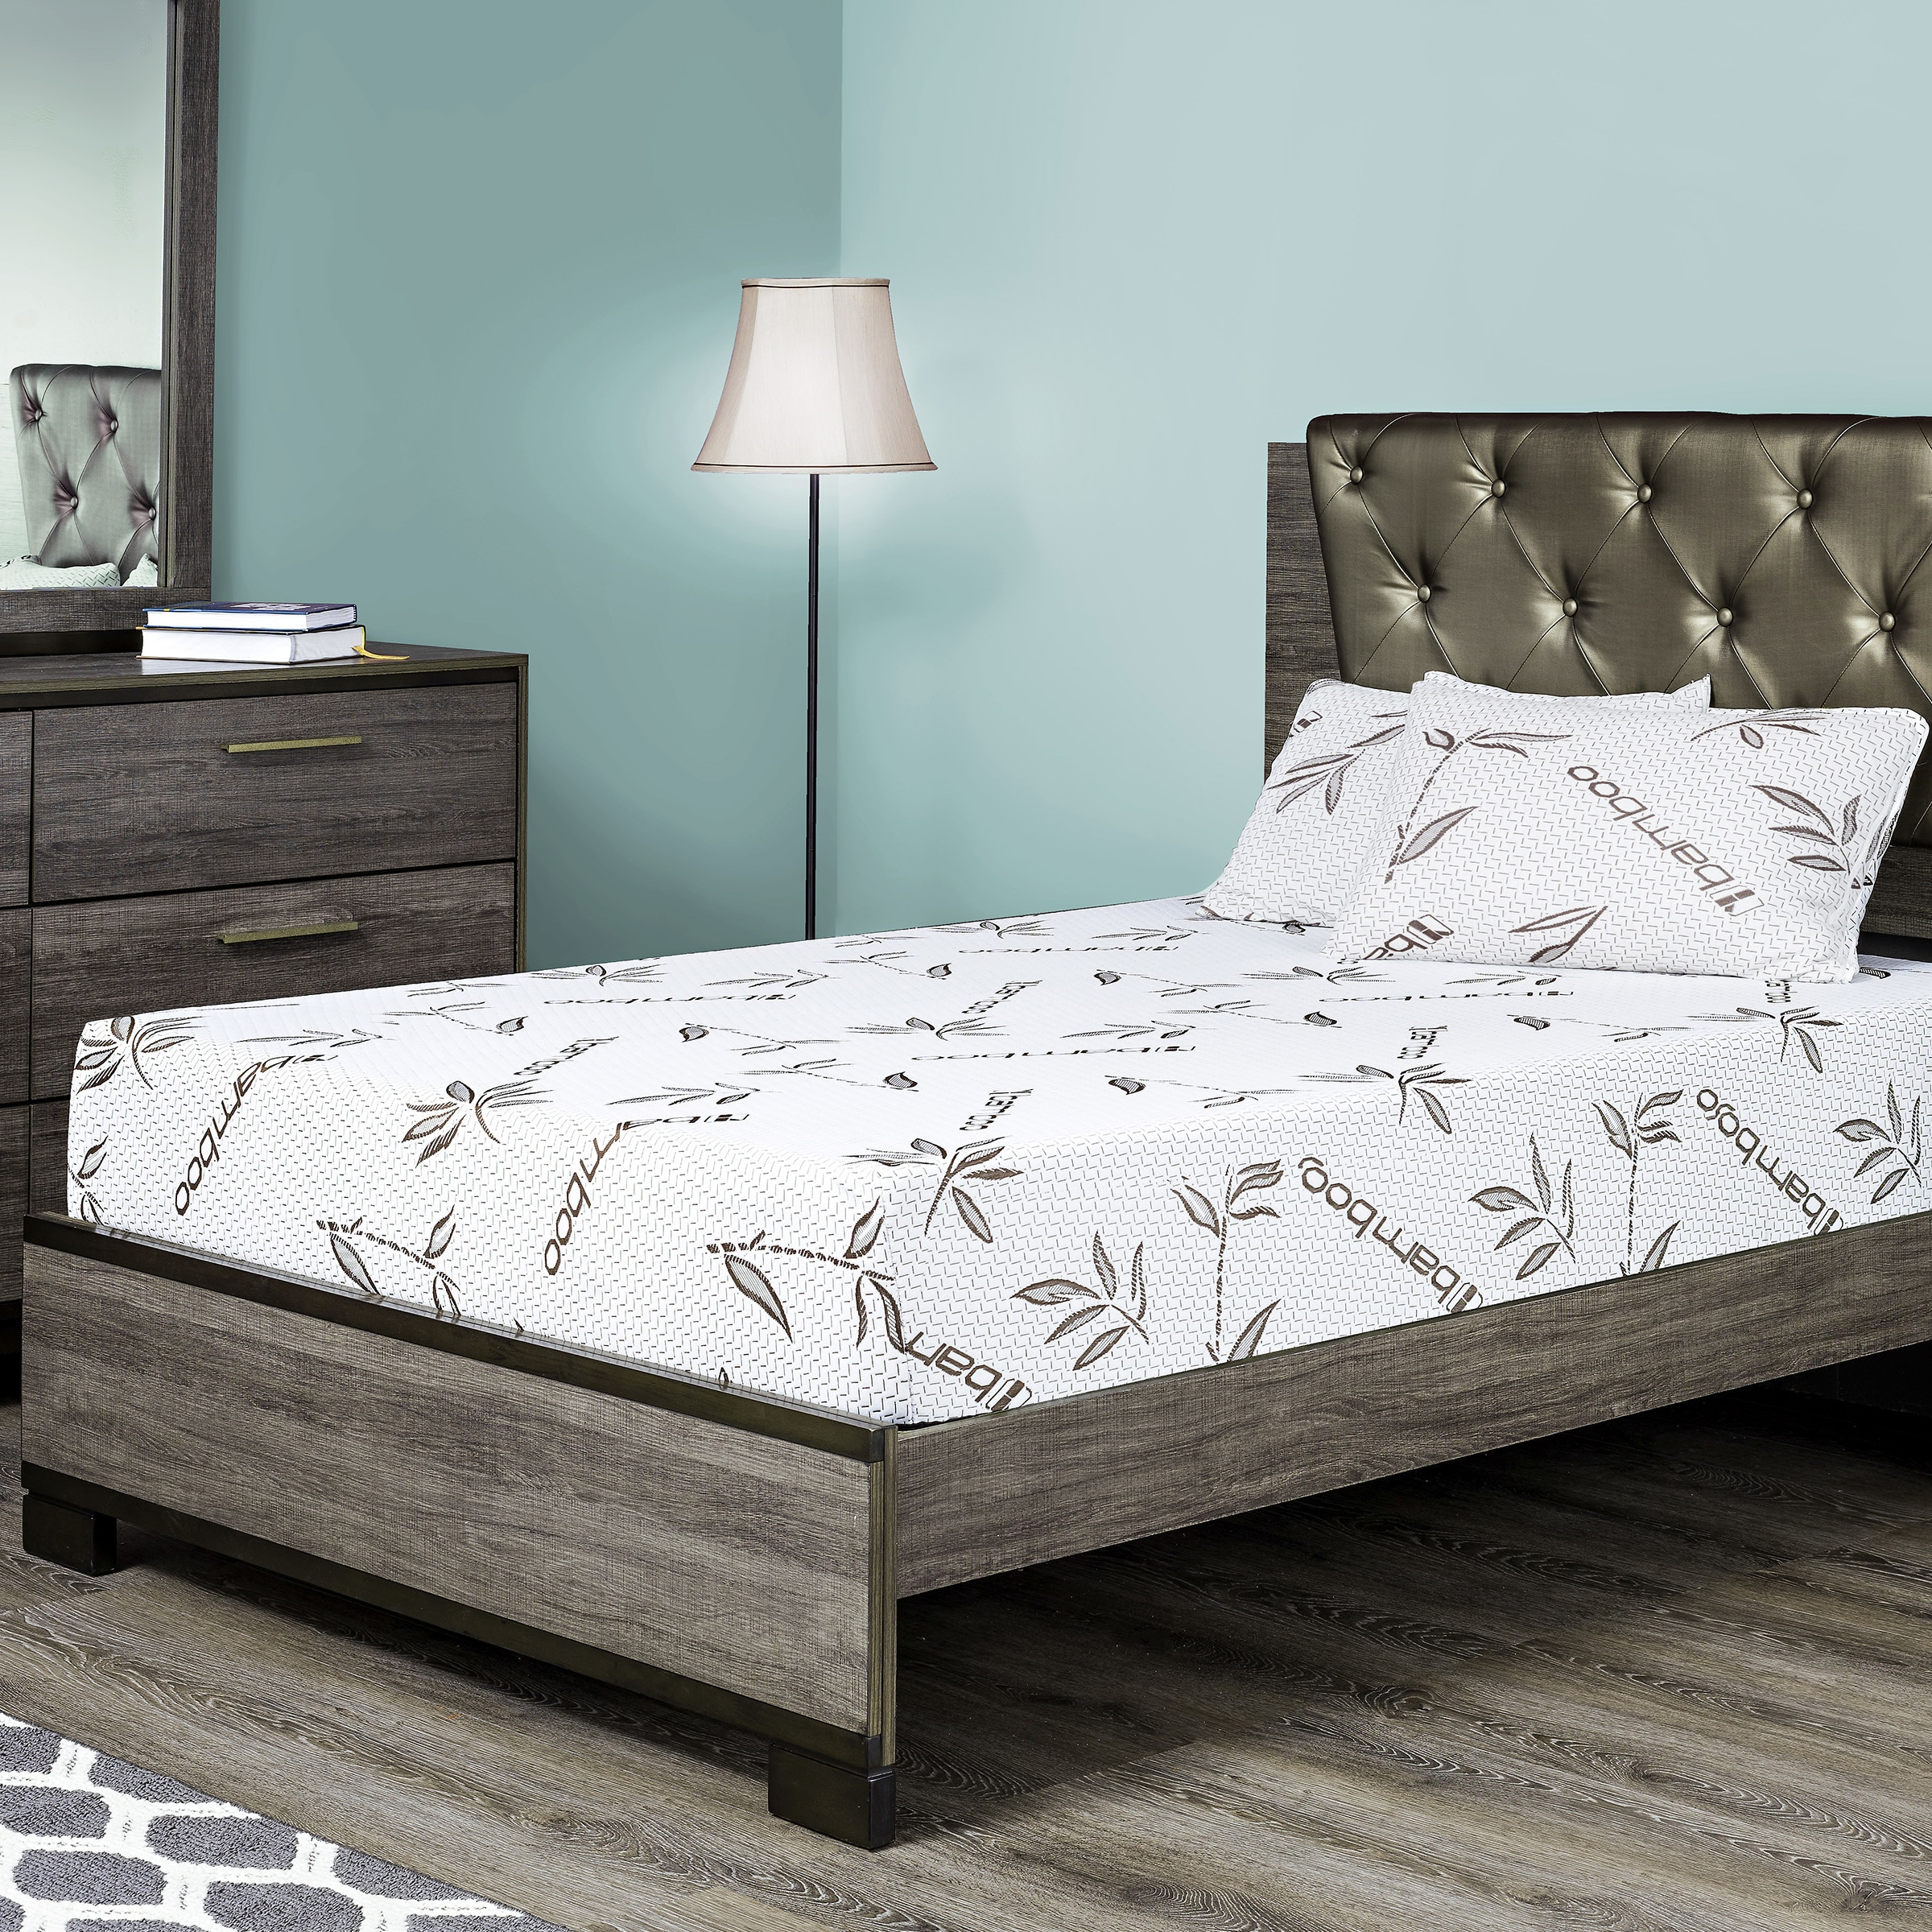 Fortnight Bedding 6-inch Twin XL-size Gel Memory Foam Mat...